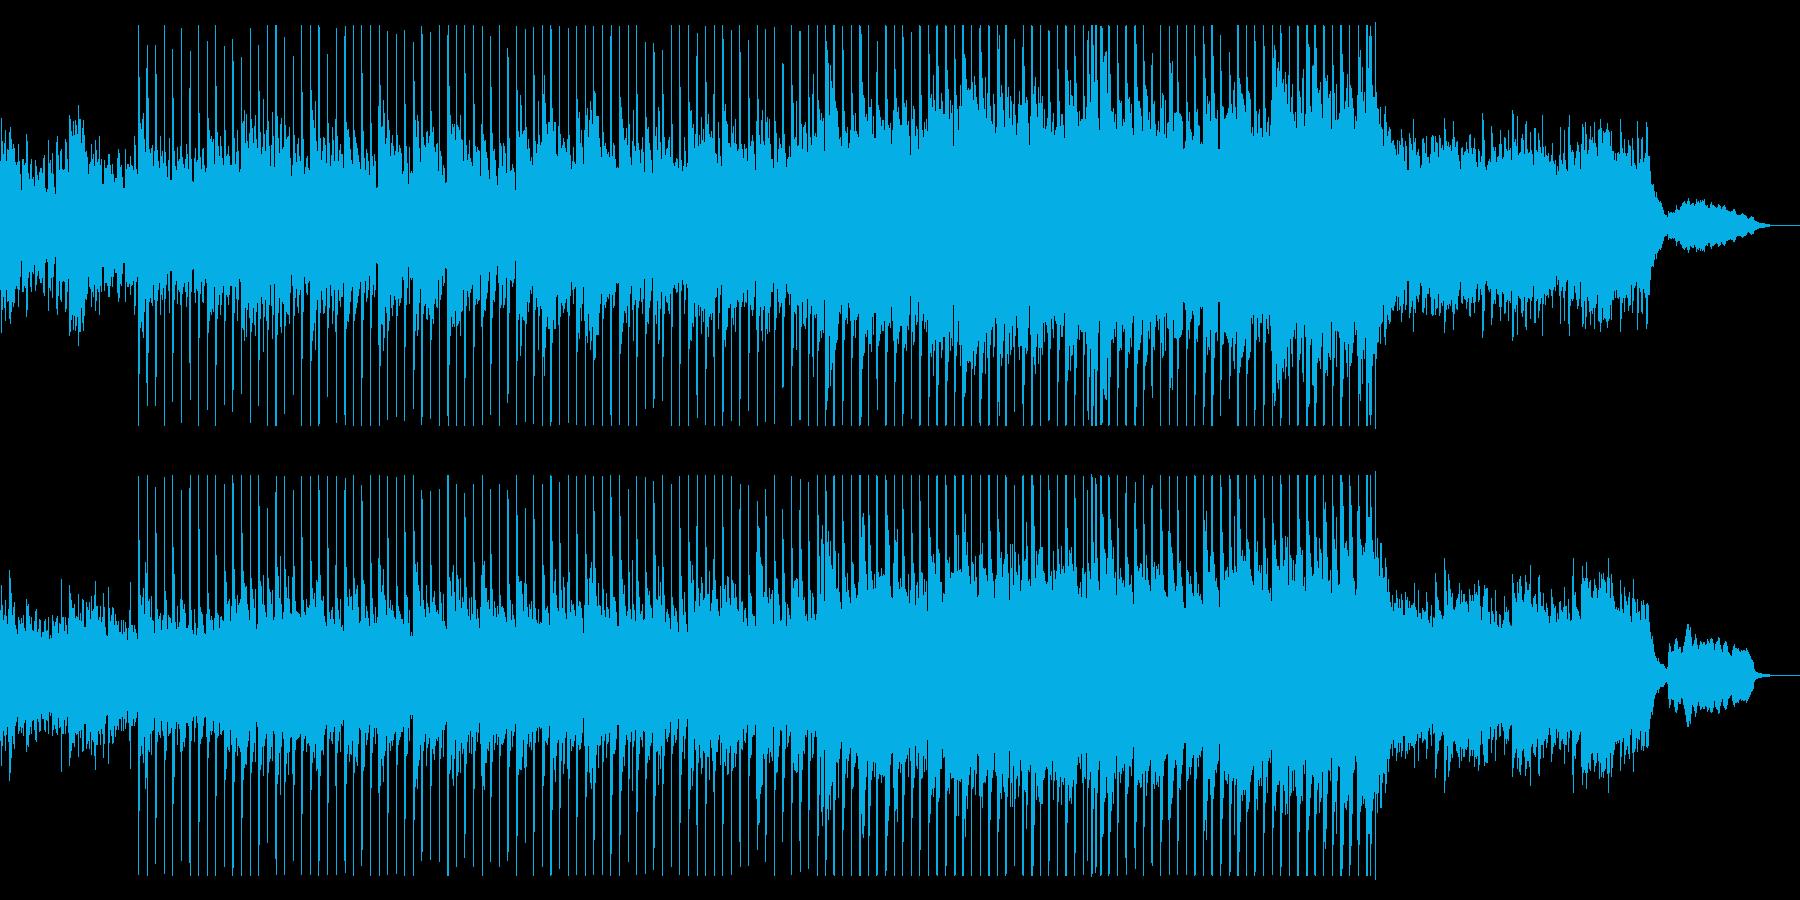 美しく広がりある響きのオーケストラの再生済みの波形